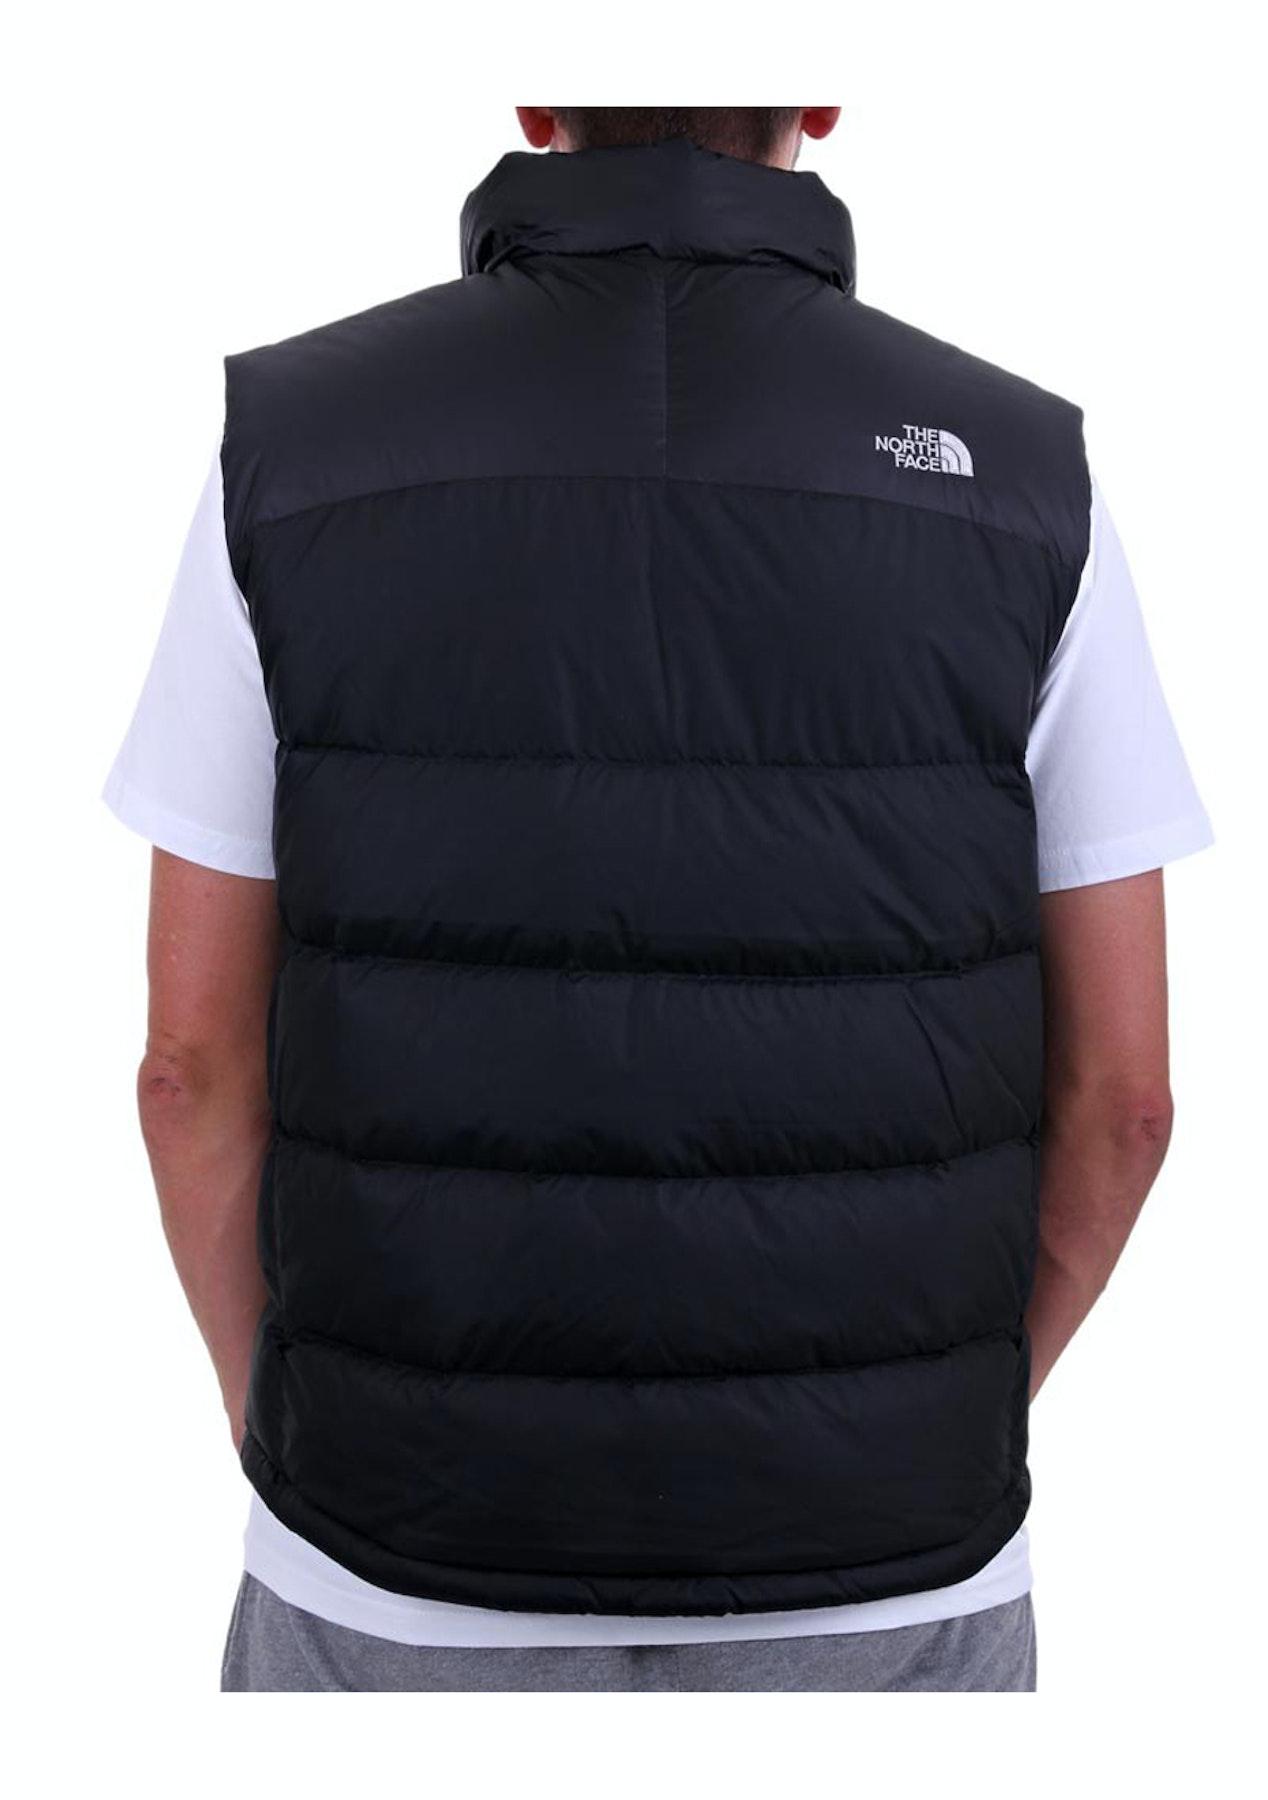 3493d3020e The North Face - Nuptse 2 Vest - Black - Garage Sale Mens - Onceit